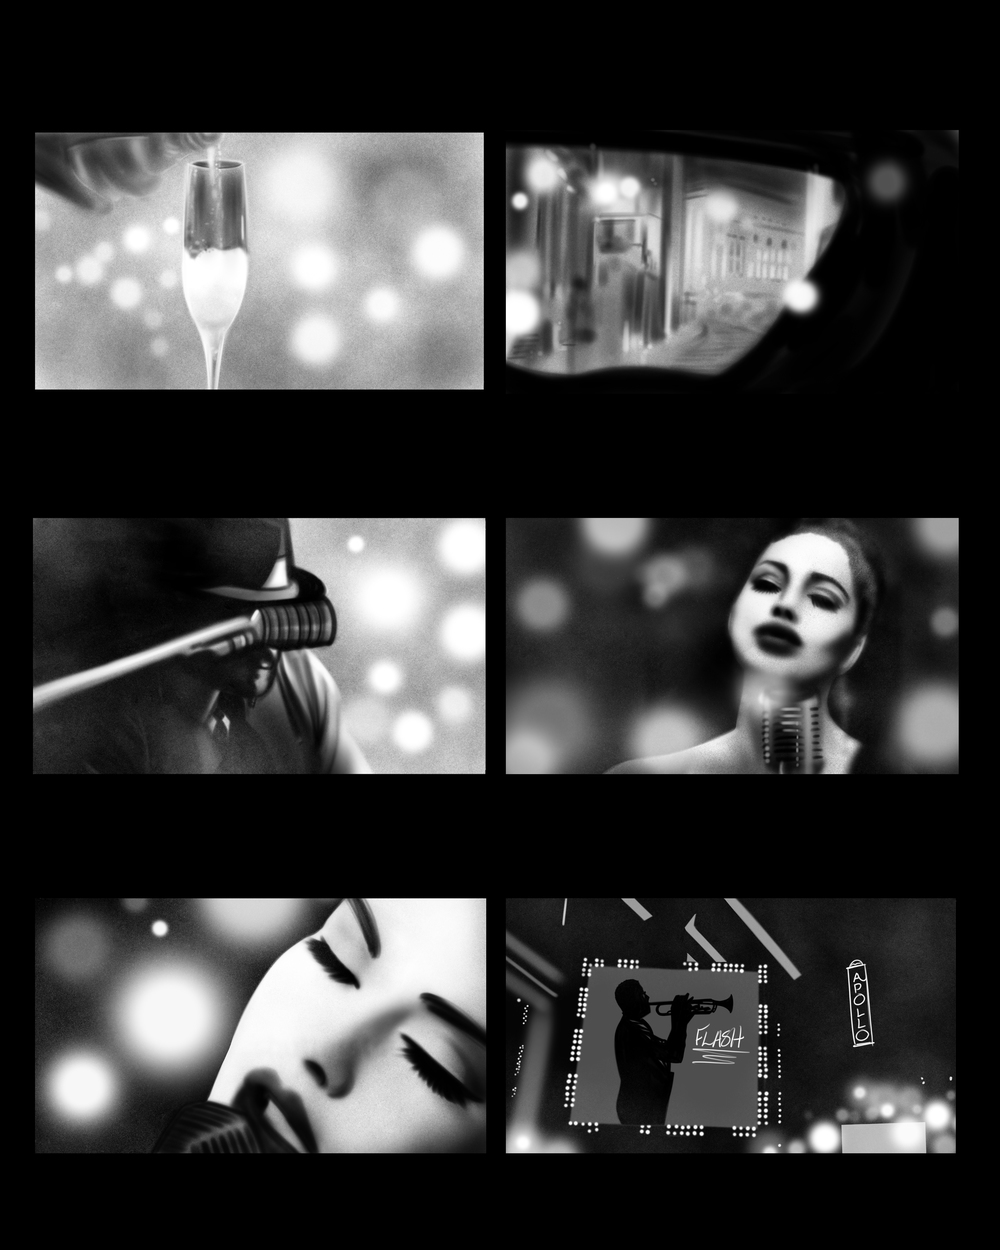 Jazz Storyboard #2